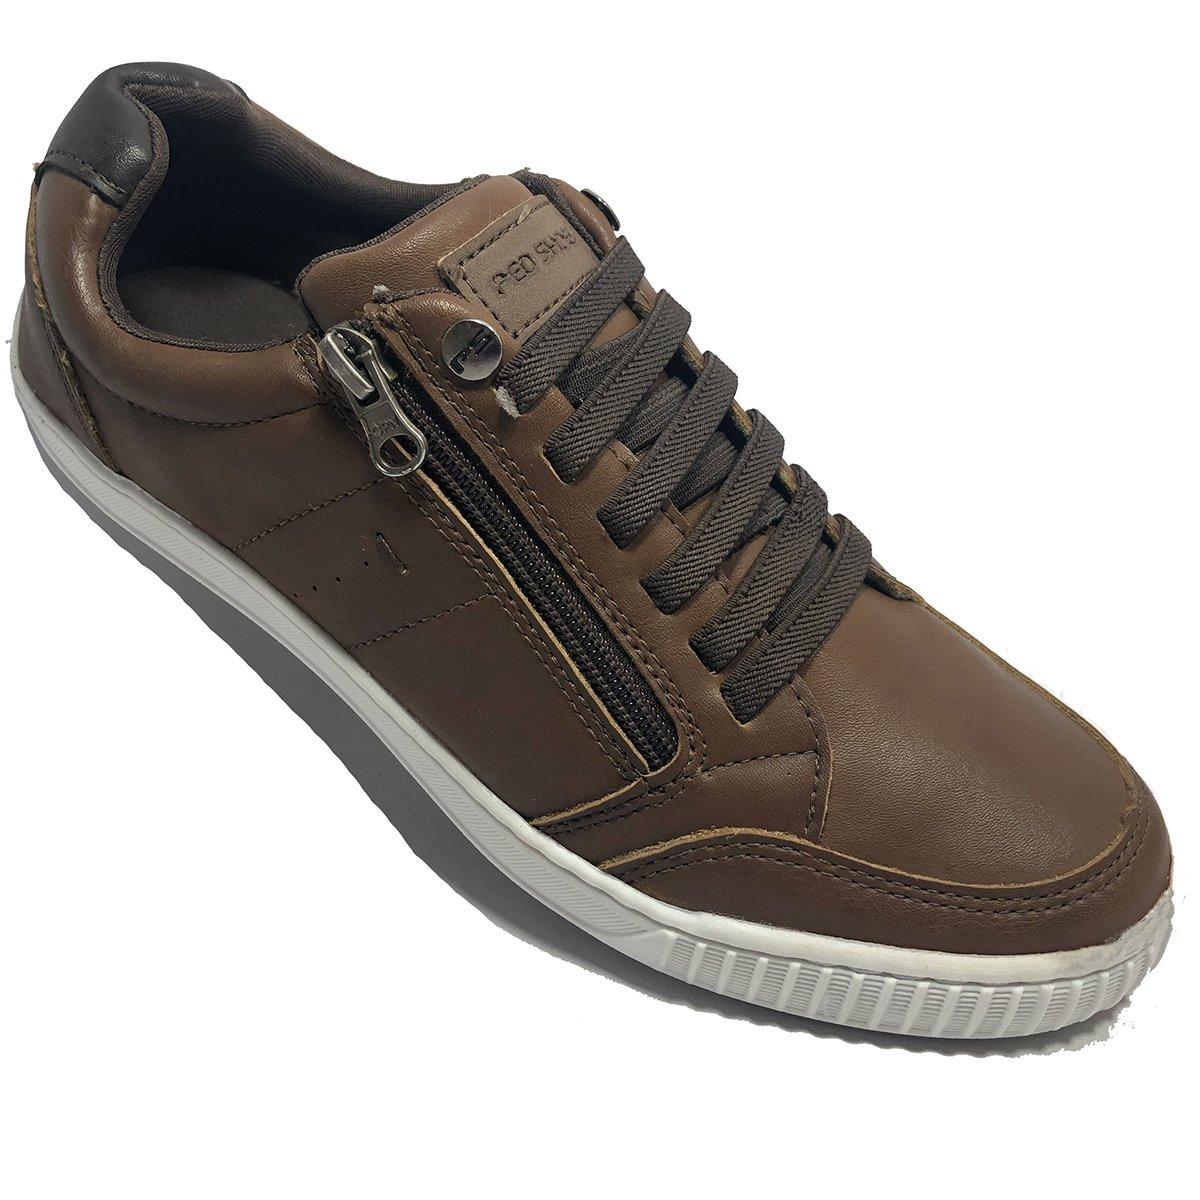 61c40457fb607 Sapatênis Ped Shoes Casual Masculino Marrom e Castanho - Compre ...